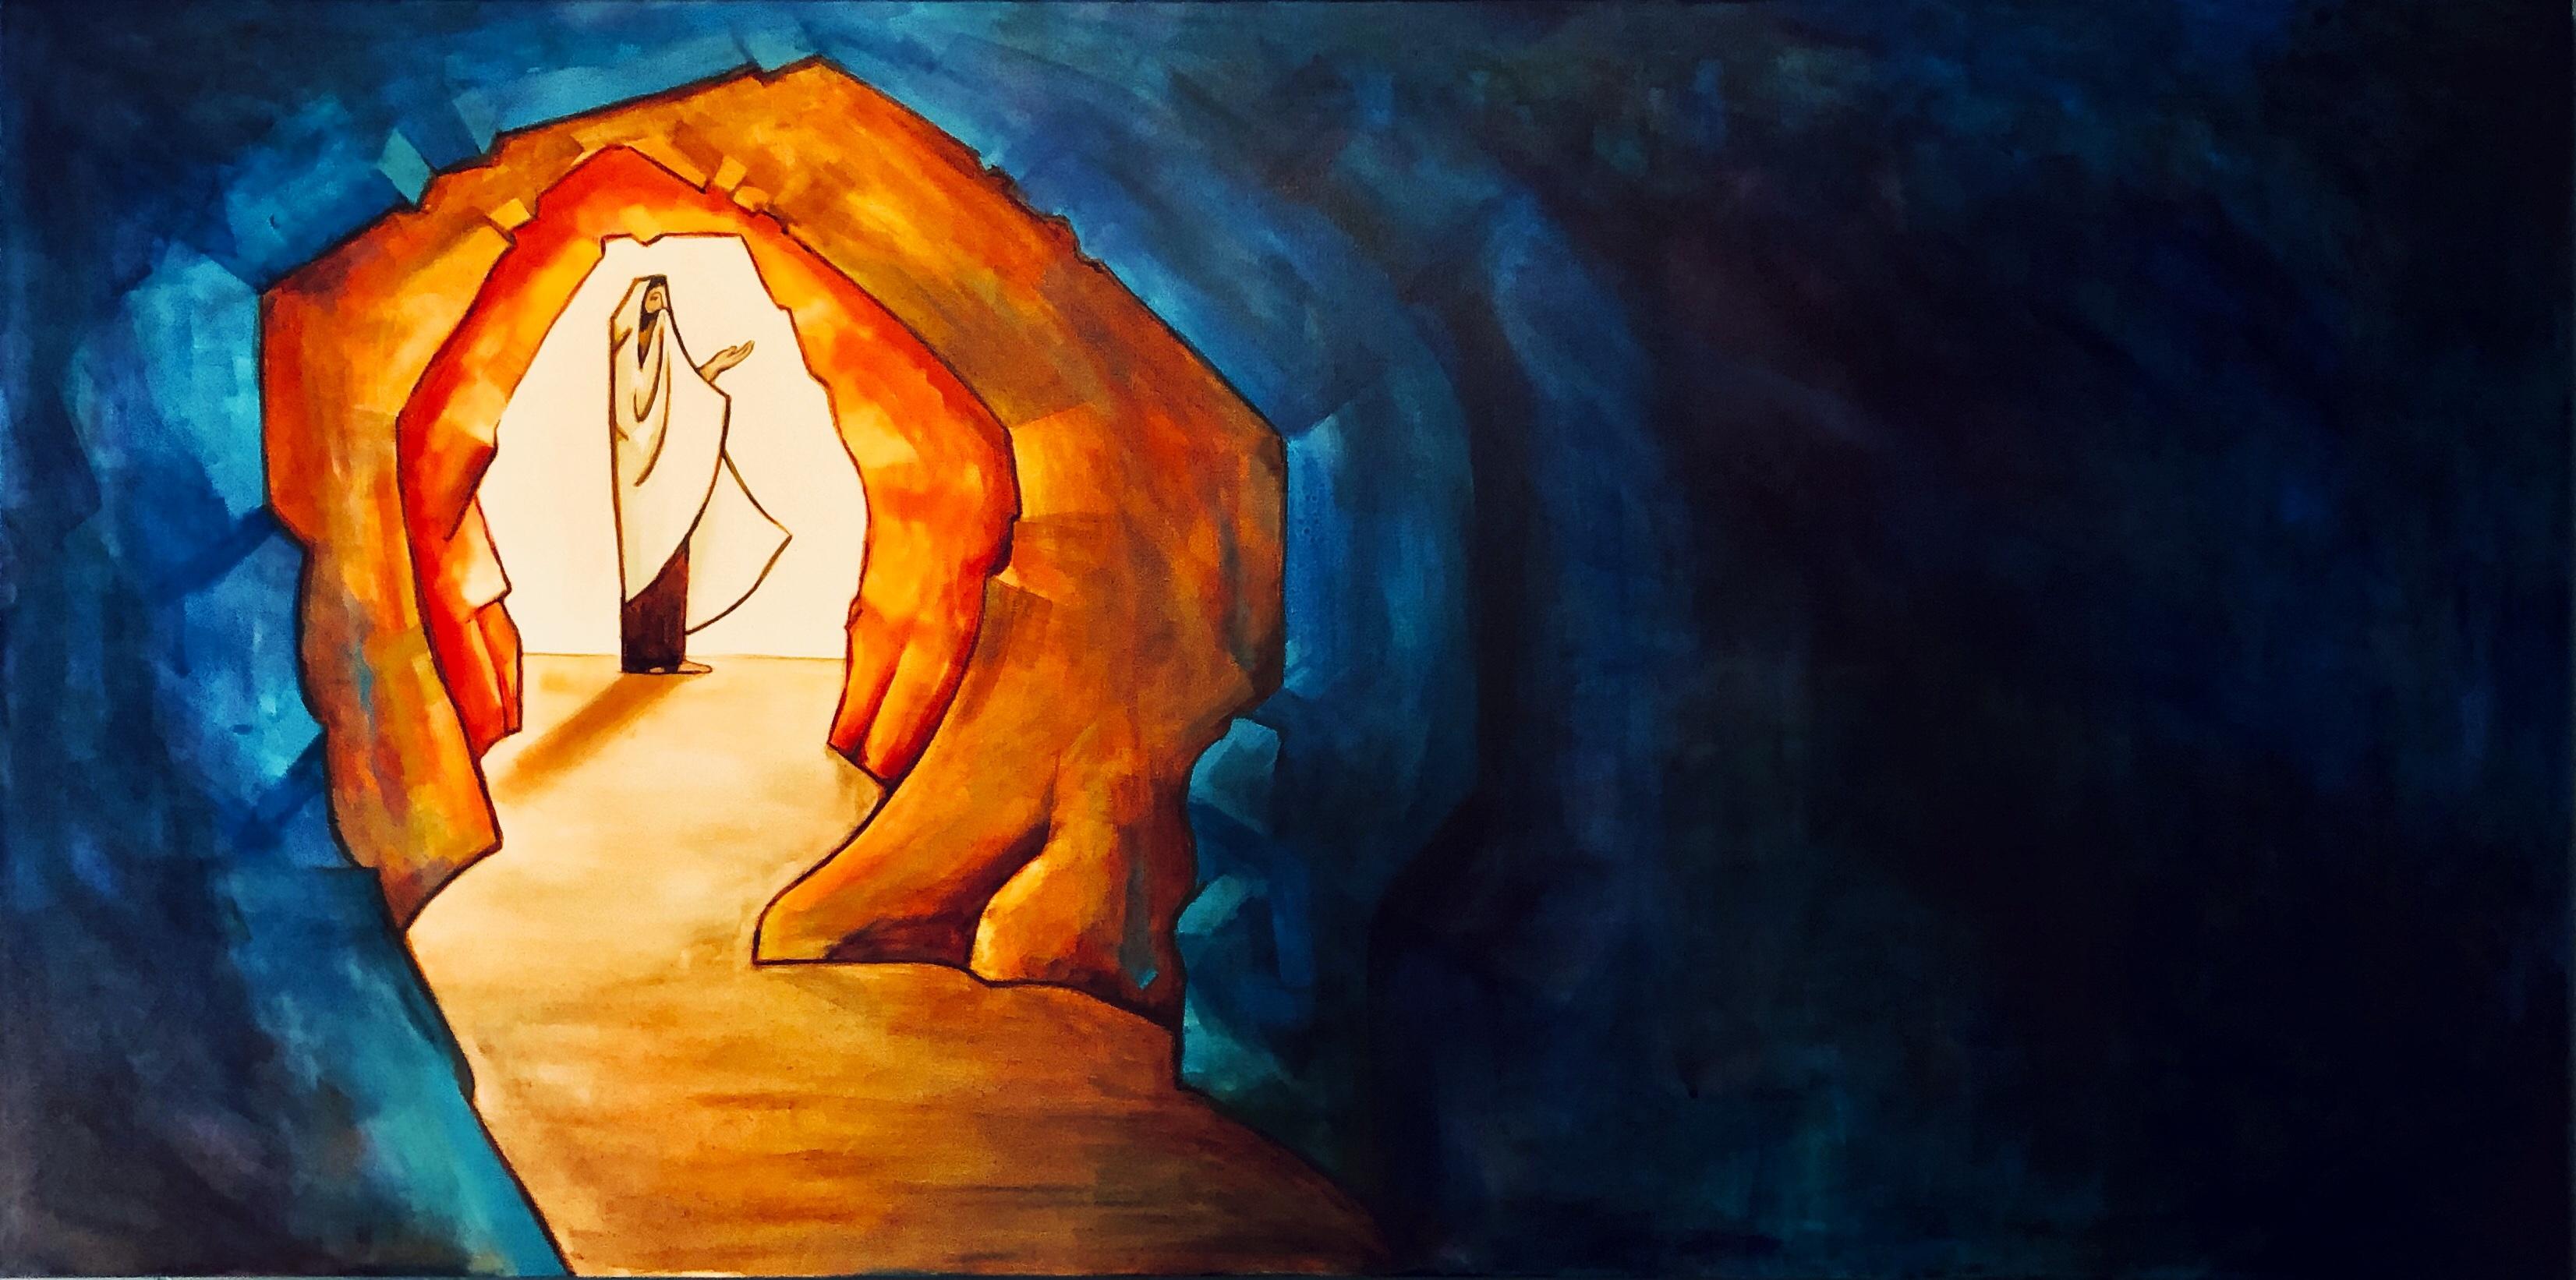 13-Elijah-(Acrylic on canvas)